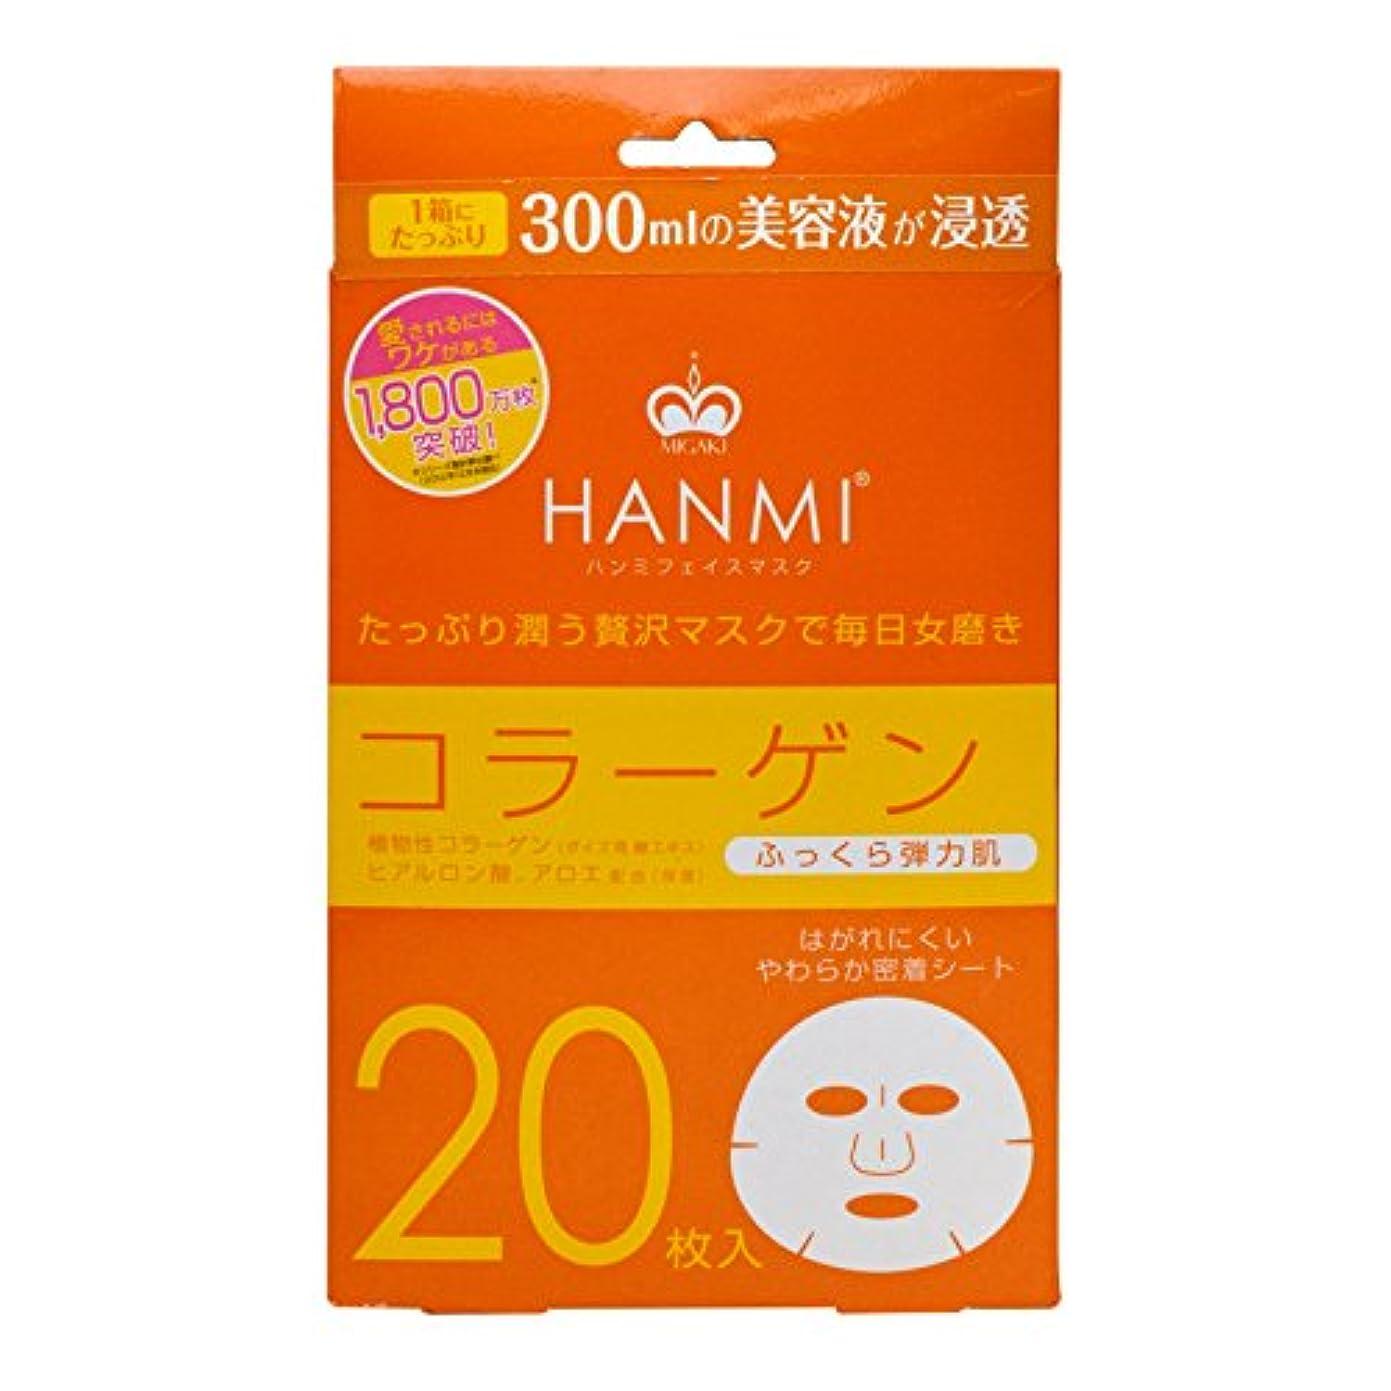 推進力馬鹿げた奴隷MIGAKI ハンミフェイスマスク コラーゲン 20枚入り